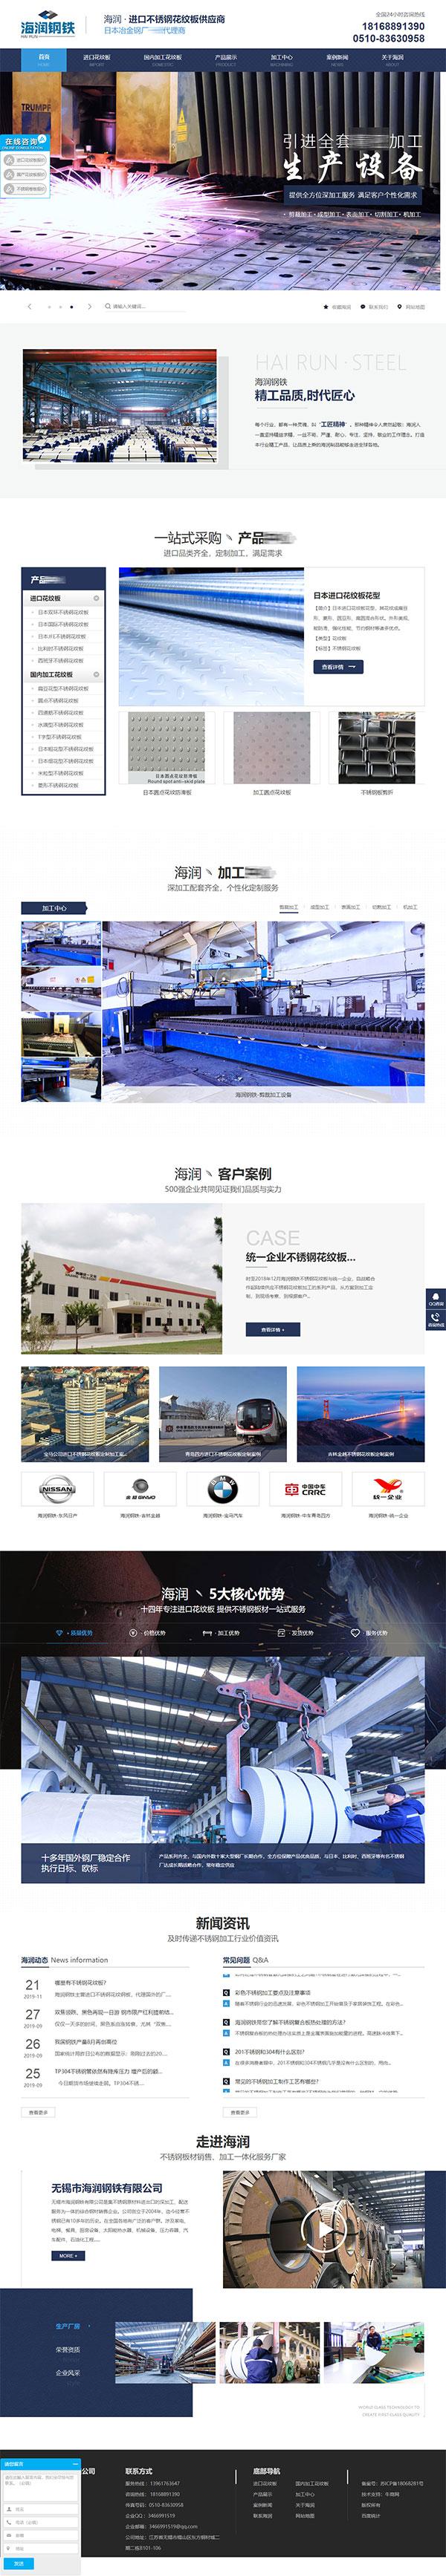 海润钢铁营销型网站案例展示